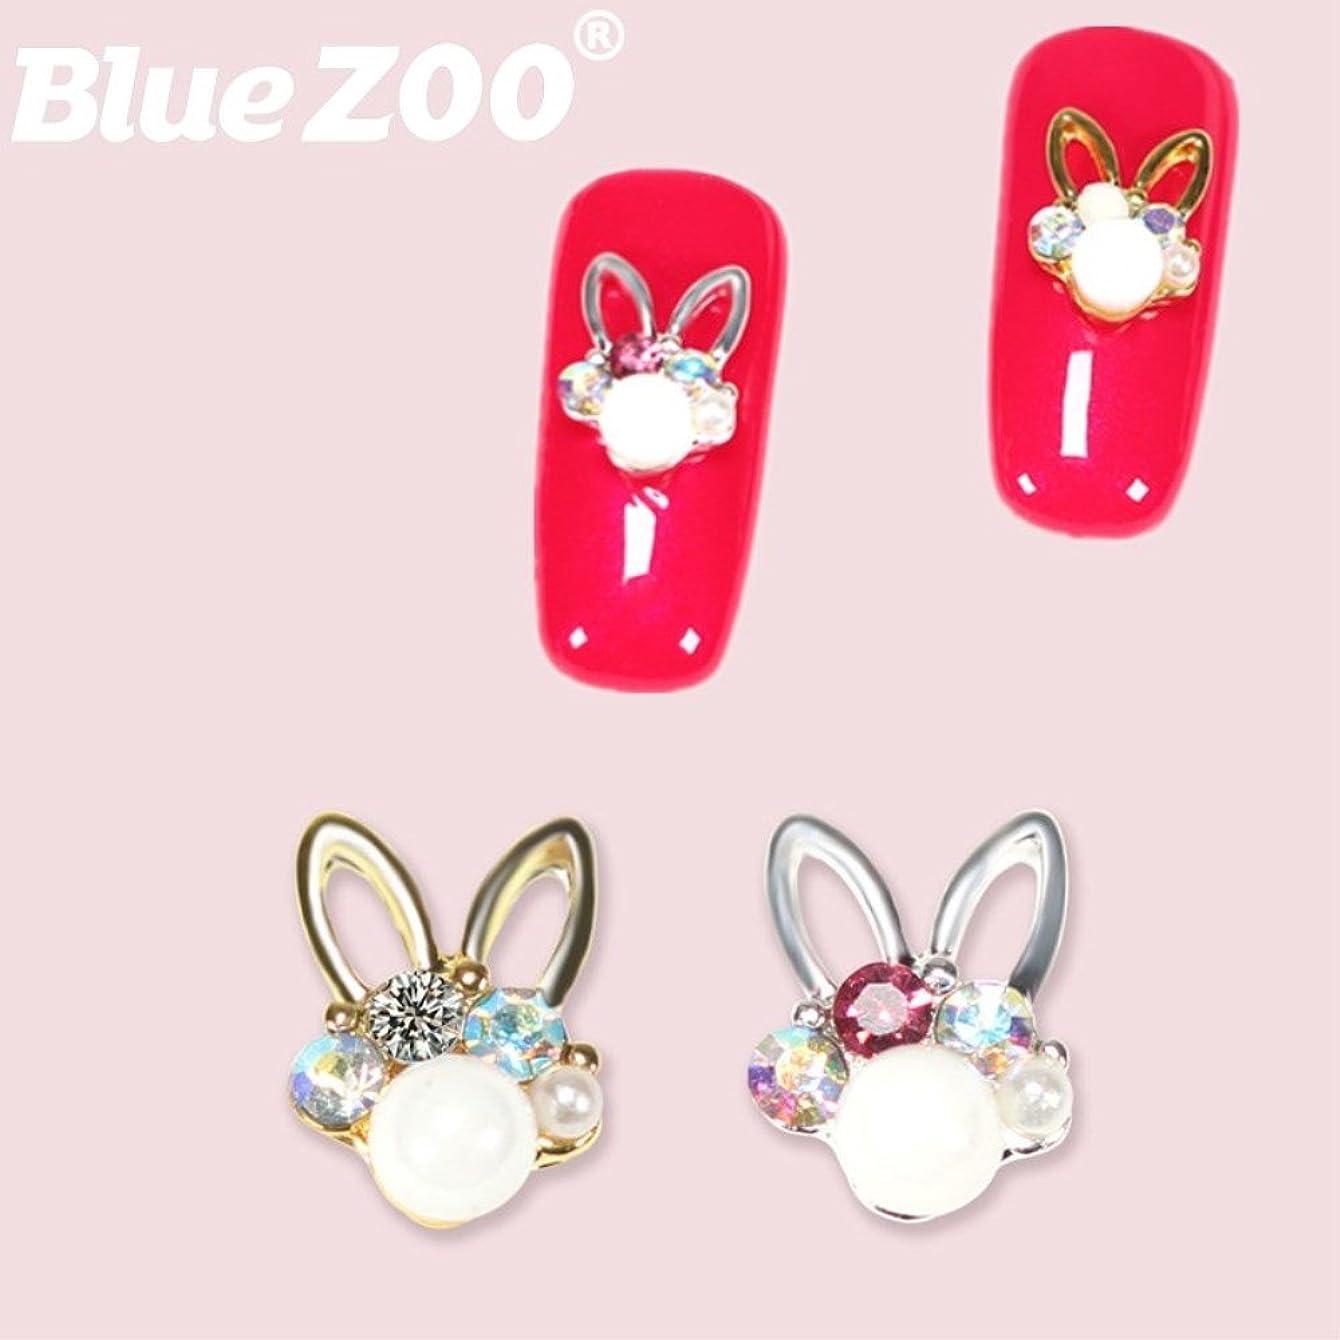 強化鹿レンズBlueZOO (ブルーズー) キュートラビット シルバー ネイル デコレーション 10個入り 合金ウサギ ラインストーン スタッズ ジェルネイルアートアクセサリー